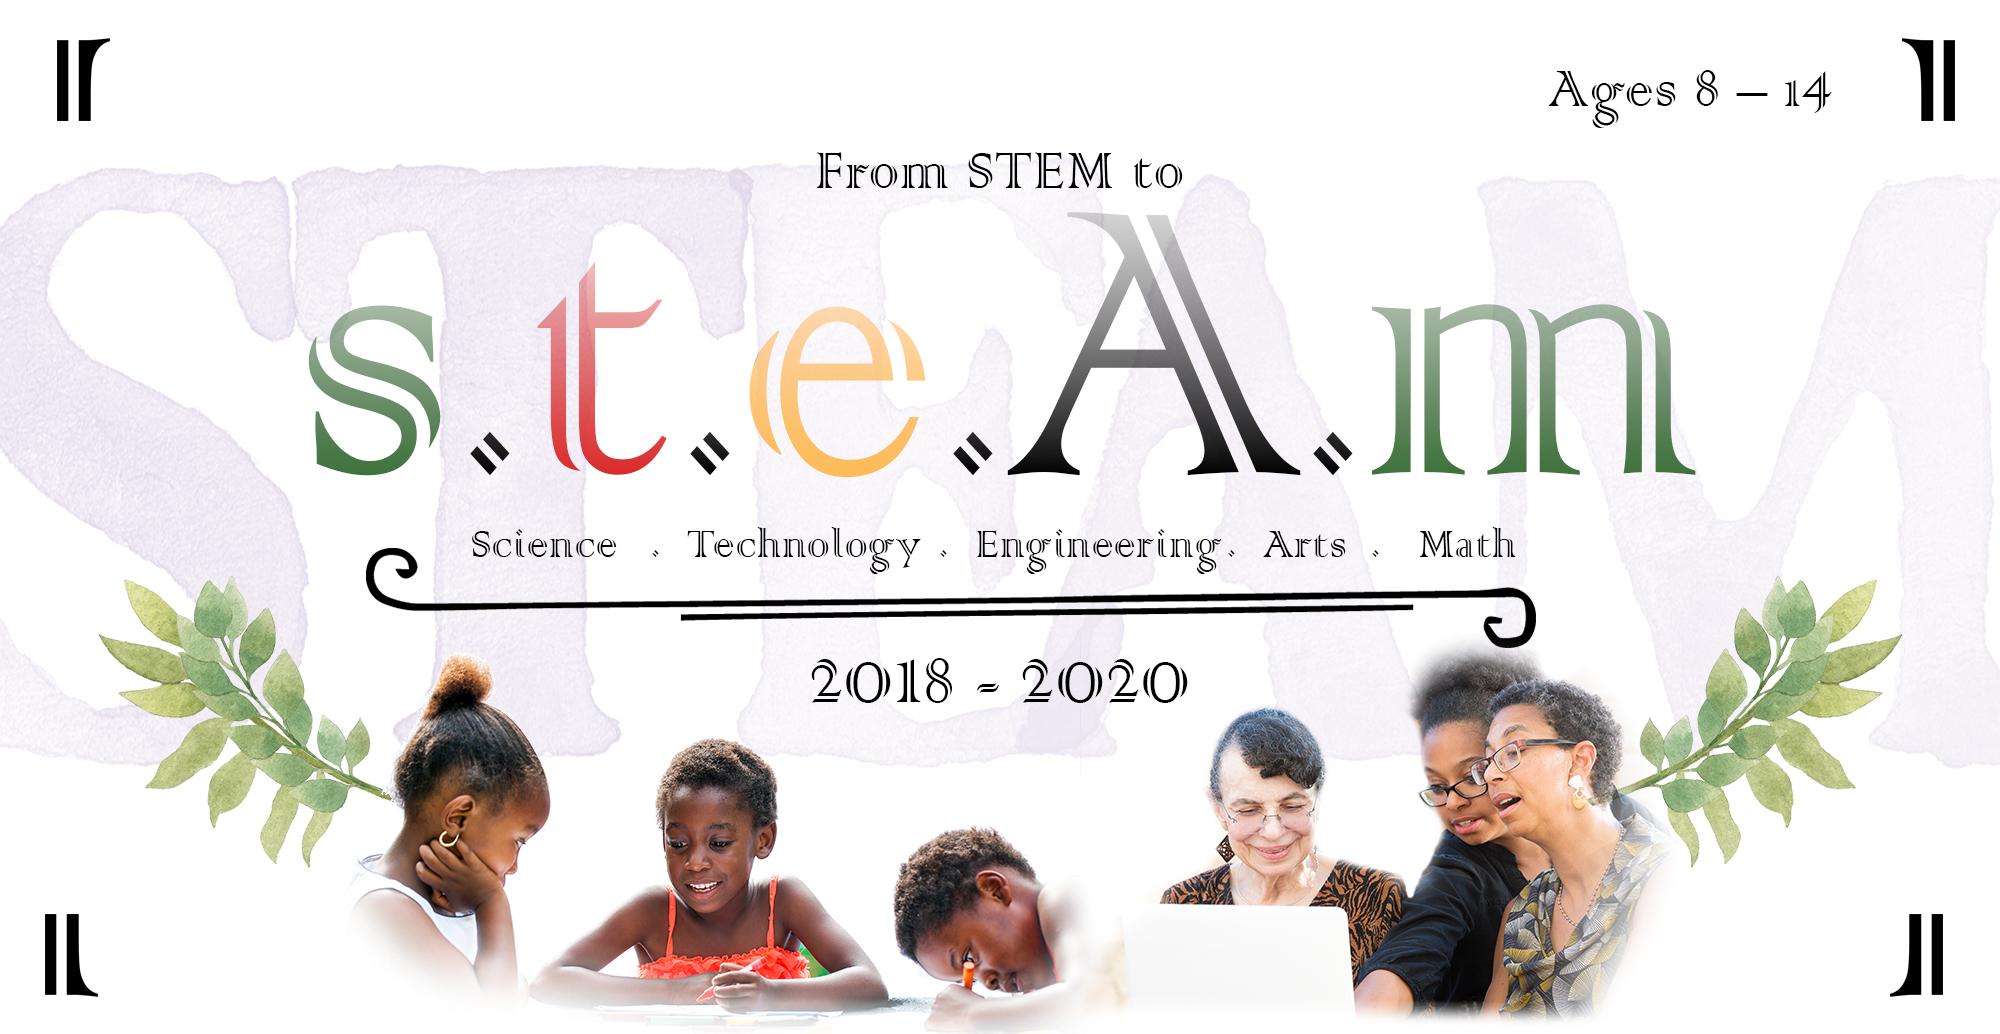 AACSA-STEAM-Banner.jpg